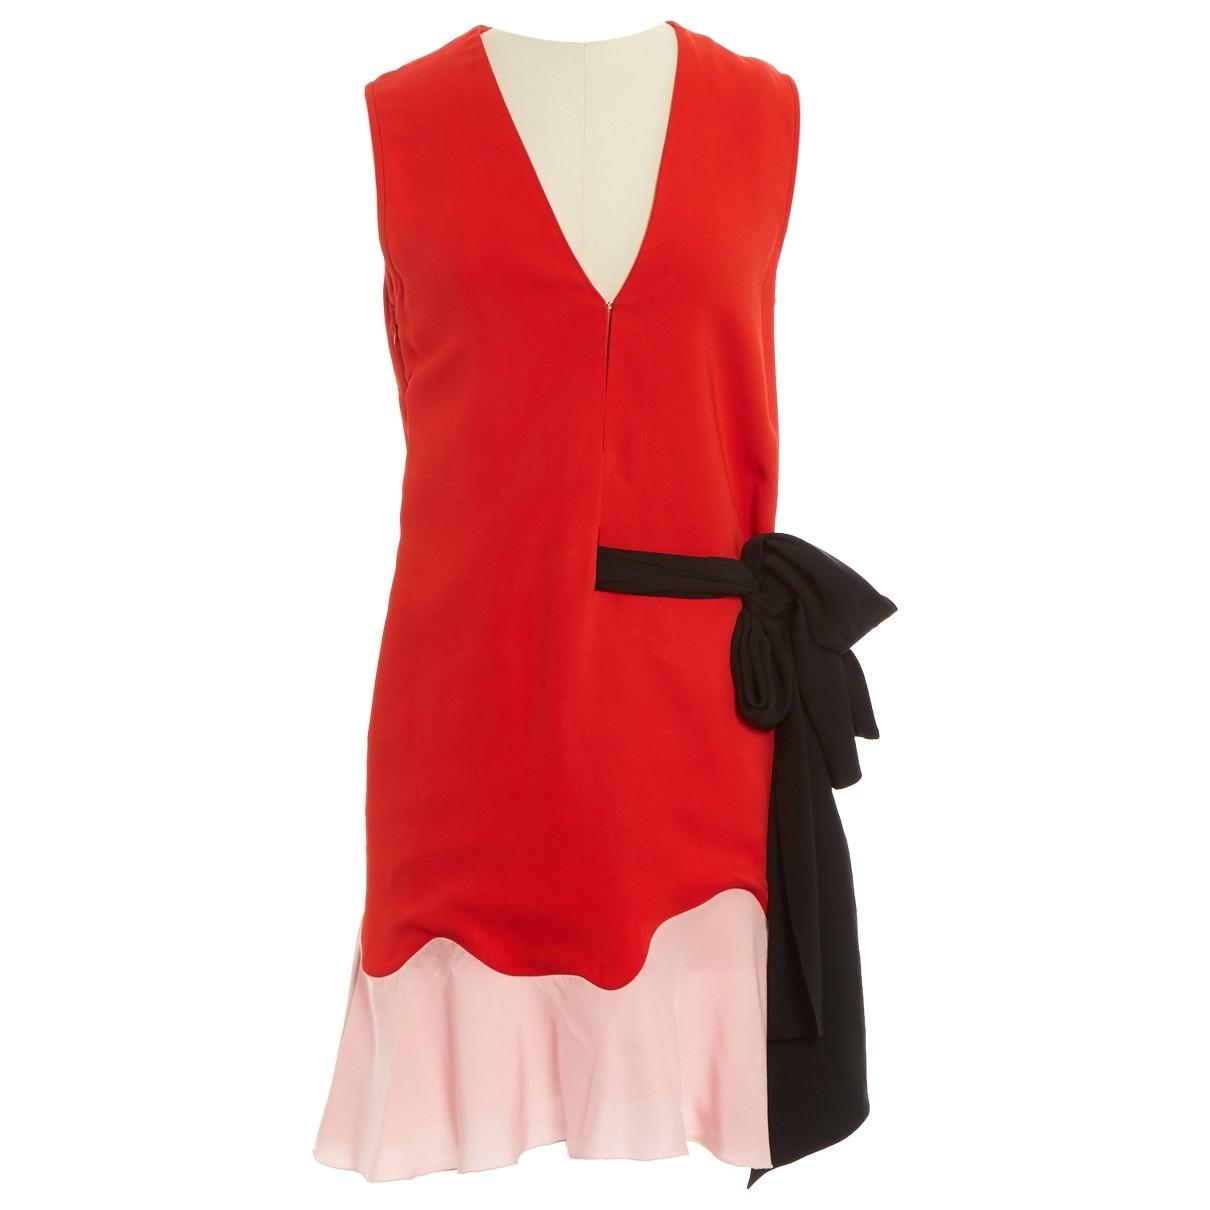 Vionnet \N Red dress for Women 38 FR